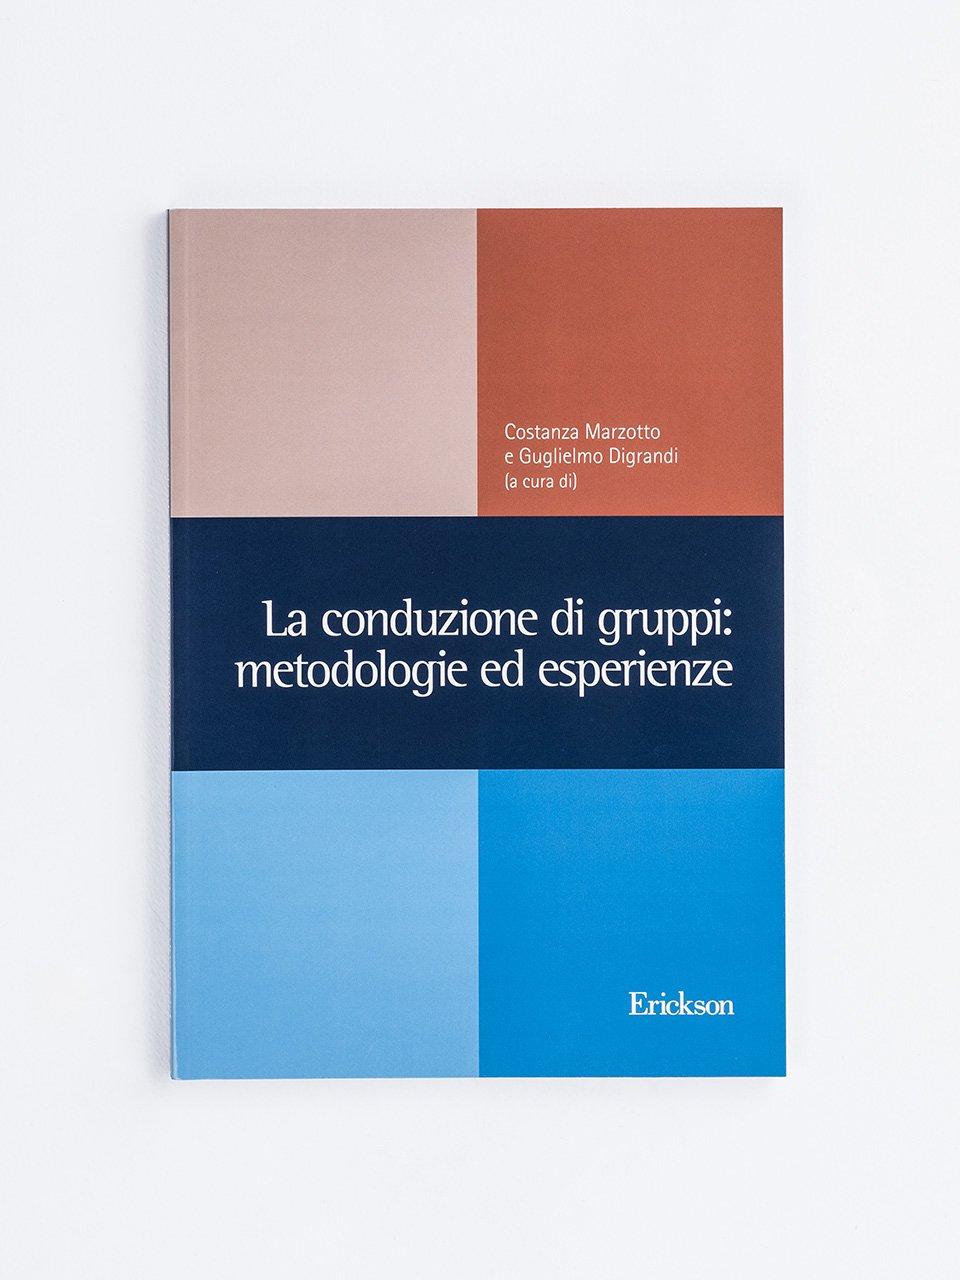 La conduzione di gruppi: metodologie ed esperienze - L'auto/mutuo aiuto - Libri - Erickson